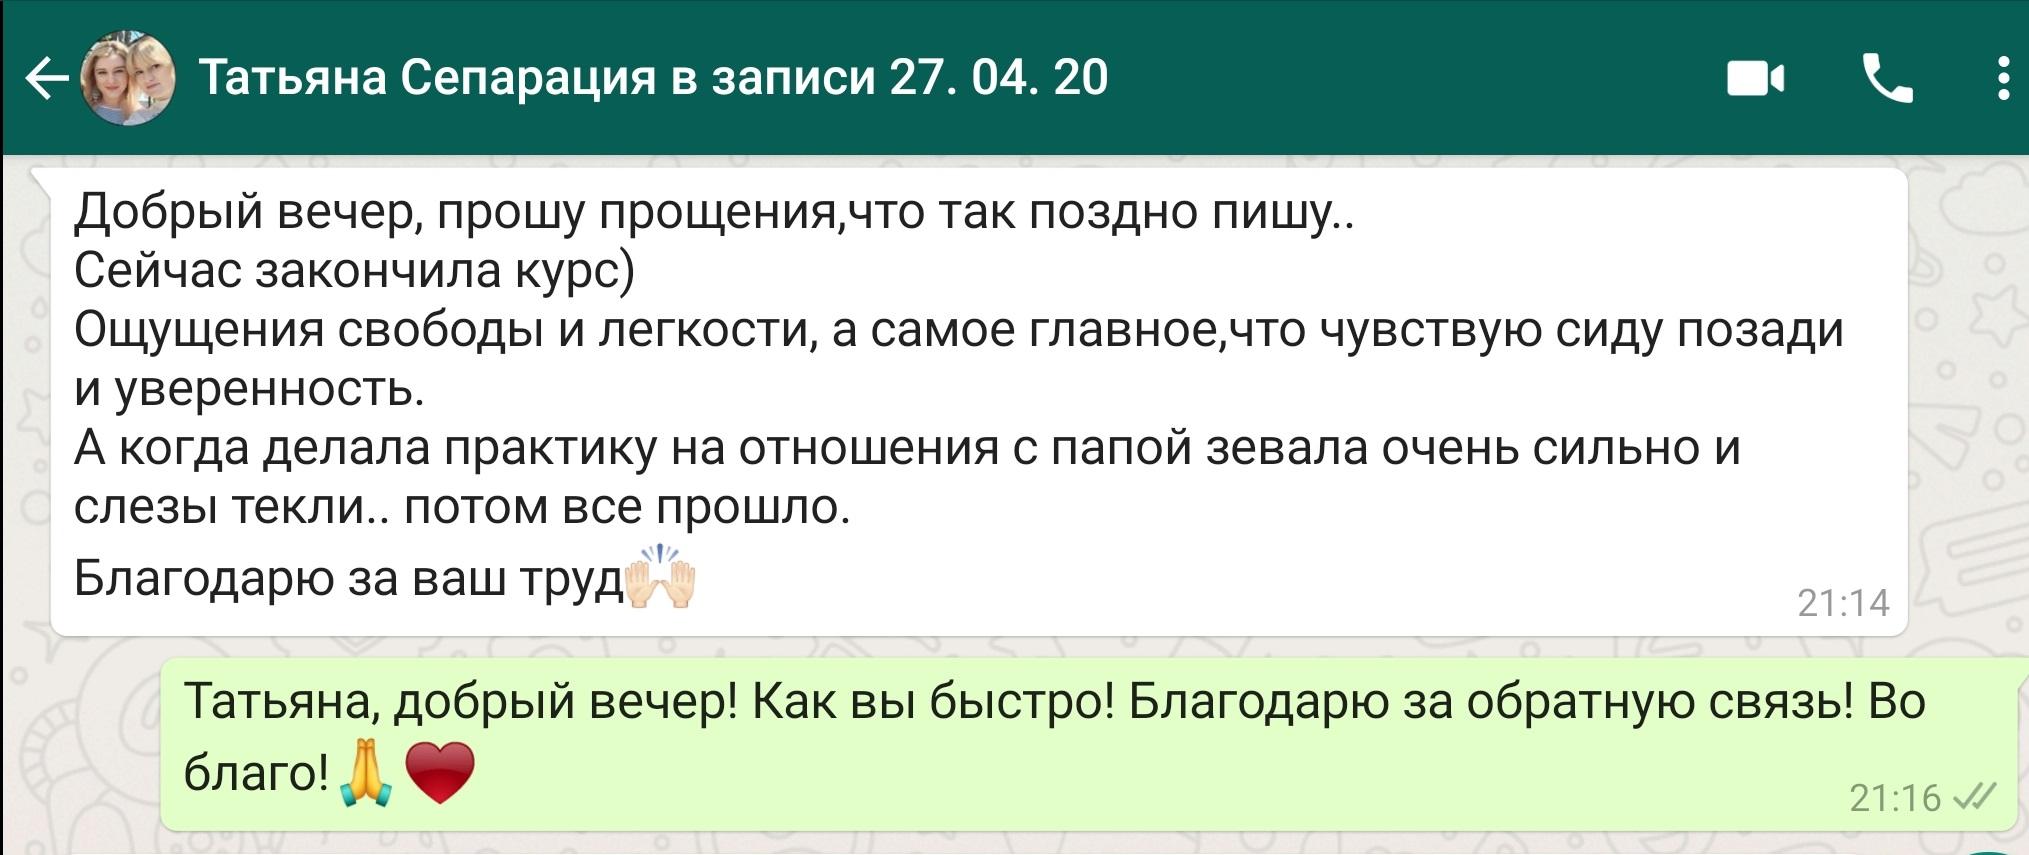 Otzyv-Tatiany-o-Seperacii